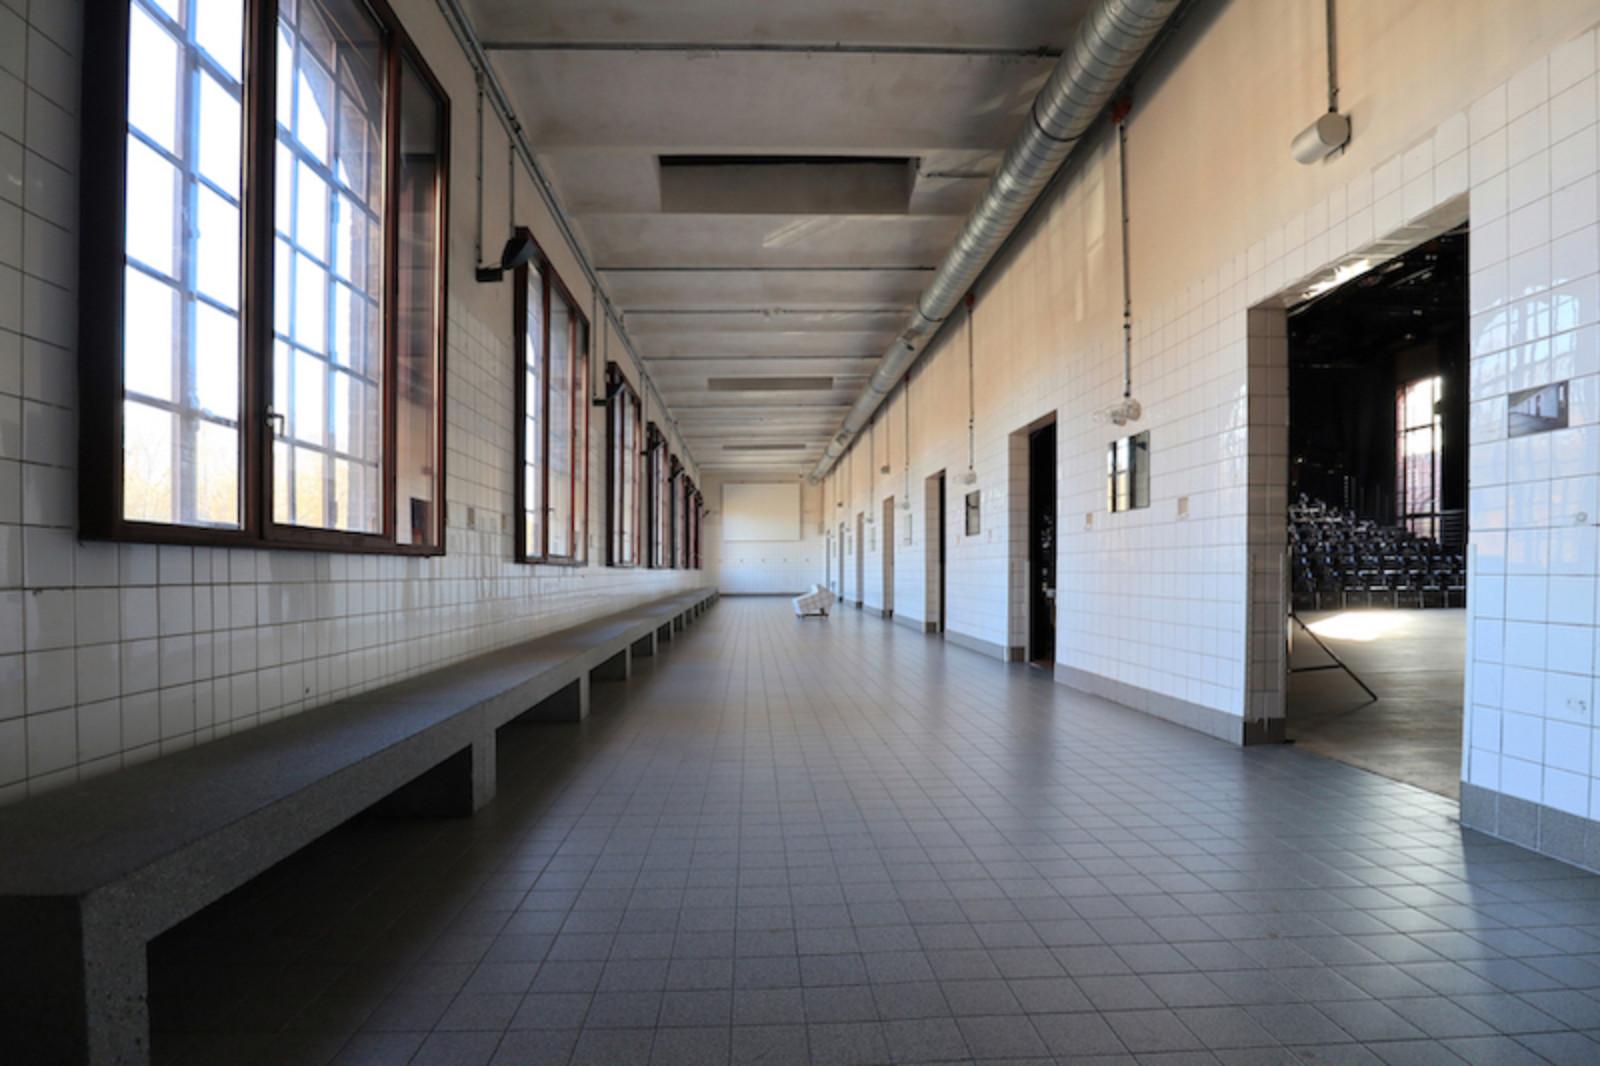 PACT Zollverein. Umbau der alten Waschkaue: Christoph Mäckler. Fertiggestellung: 2000.